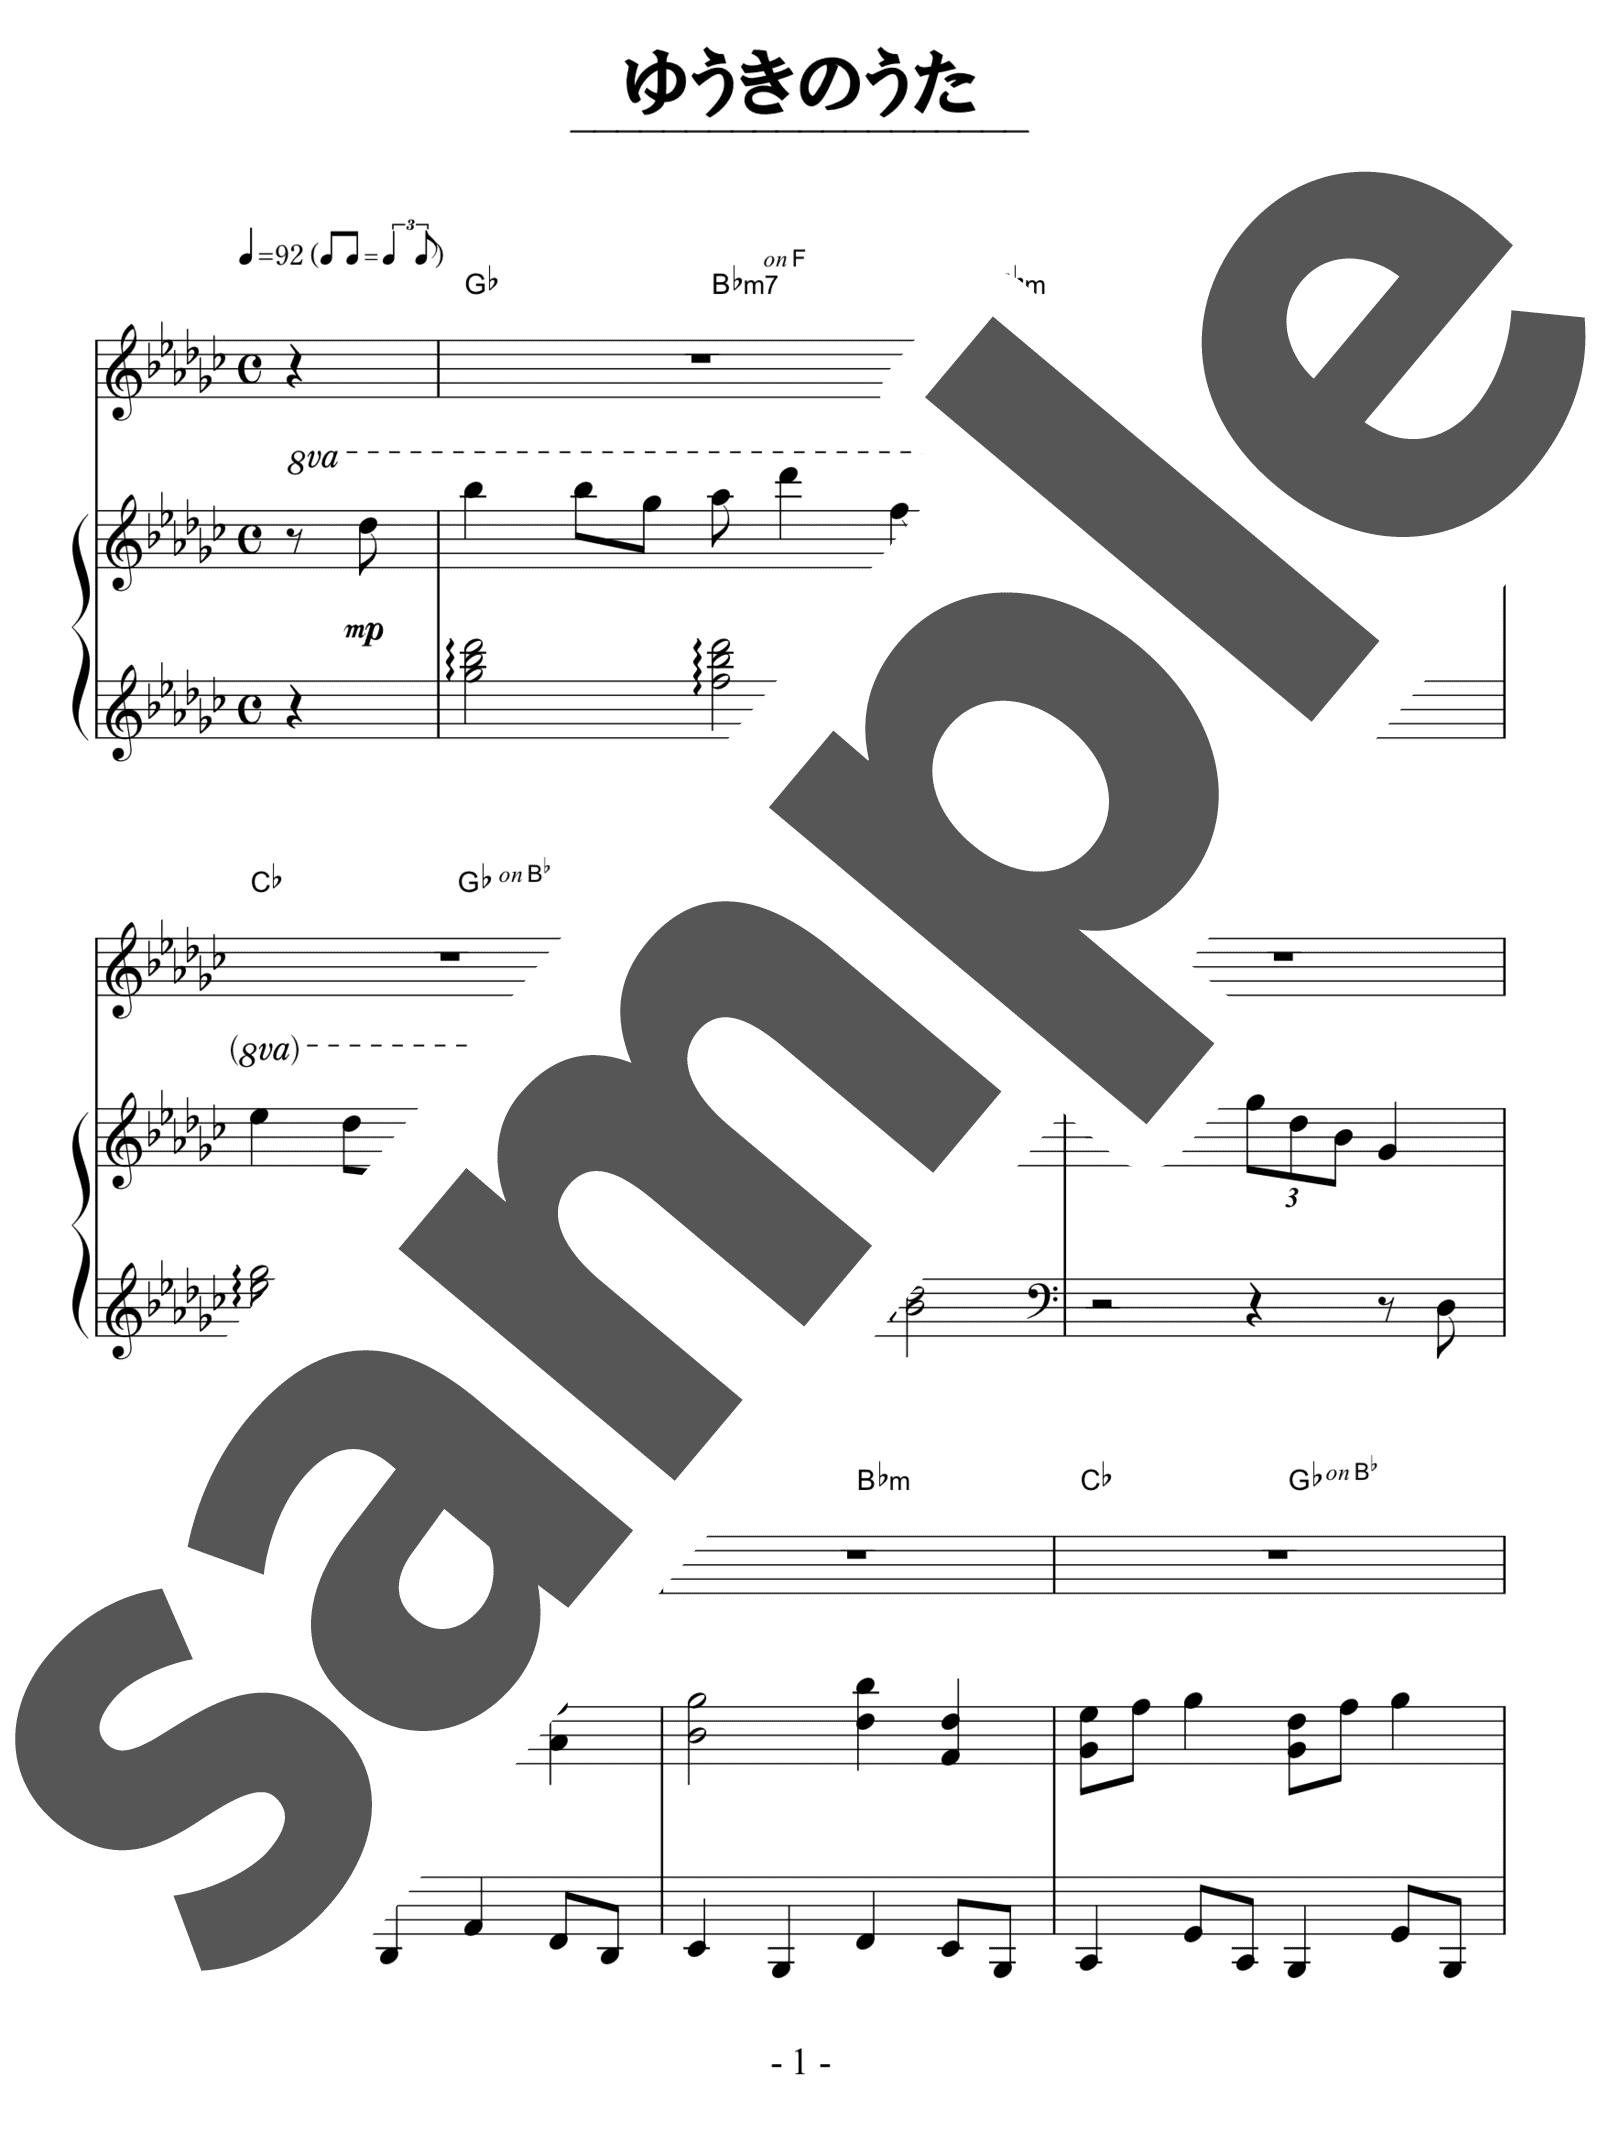 「ゆうきのうた」のサンプル楽譜